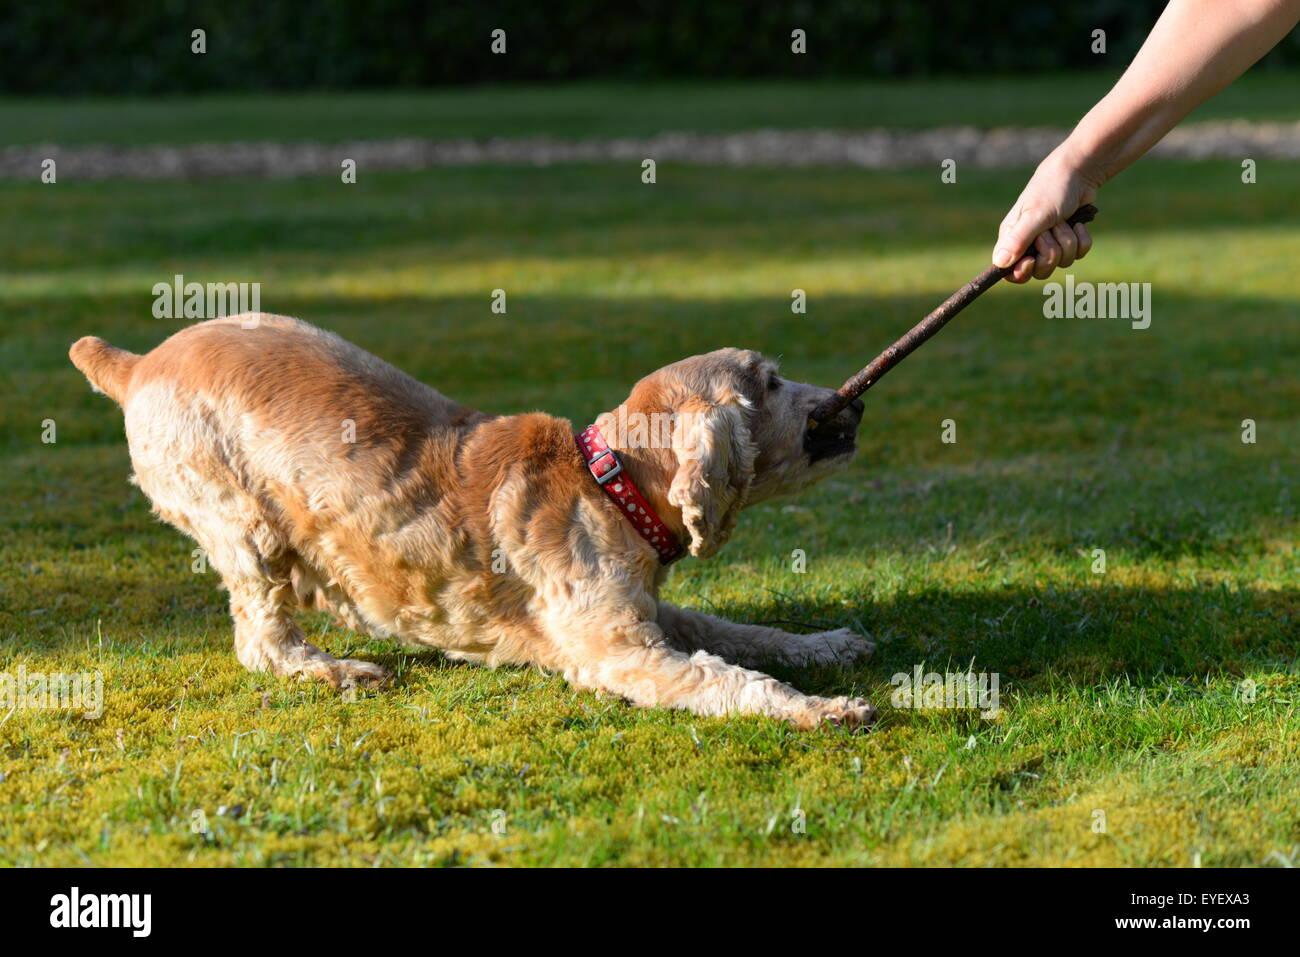 Perro Cocker Spaniel dorado de tirón en un palo con su propietario. Imagen De Stock